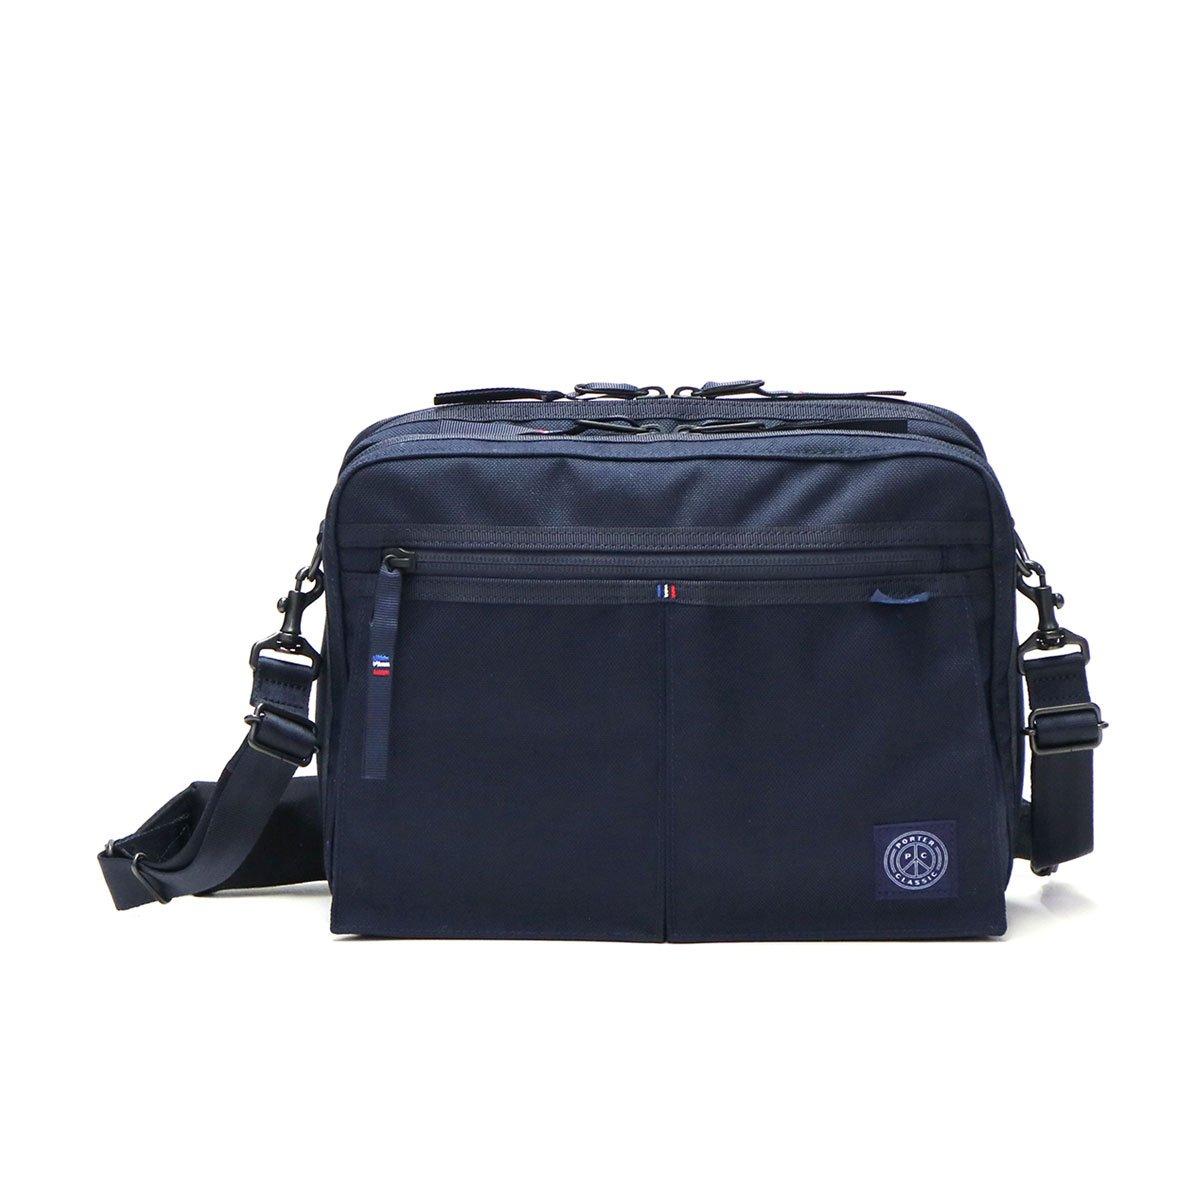 [ポータークラシック]Porter Classic ショルダーバッグ muatsu NEWTON SHOULDER BAG PC-050-955 B07CGC77XM ネイビー(41) ネイビー(41)